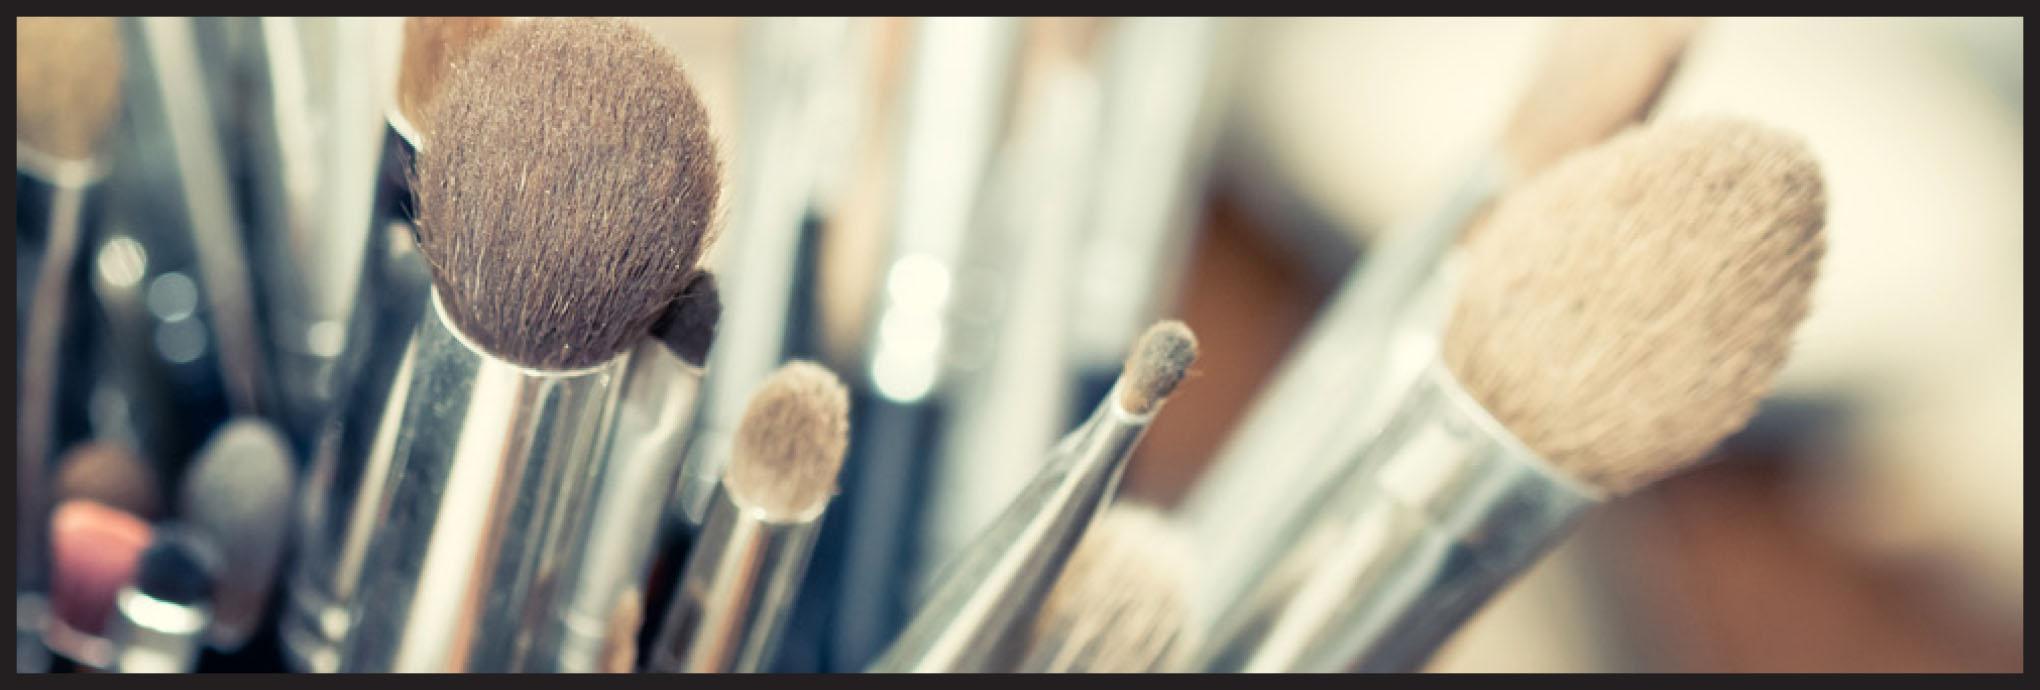 how-women-shop-beauty-consumer